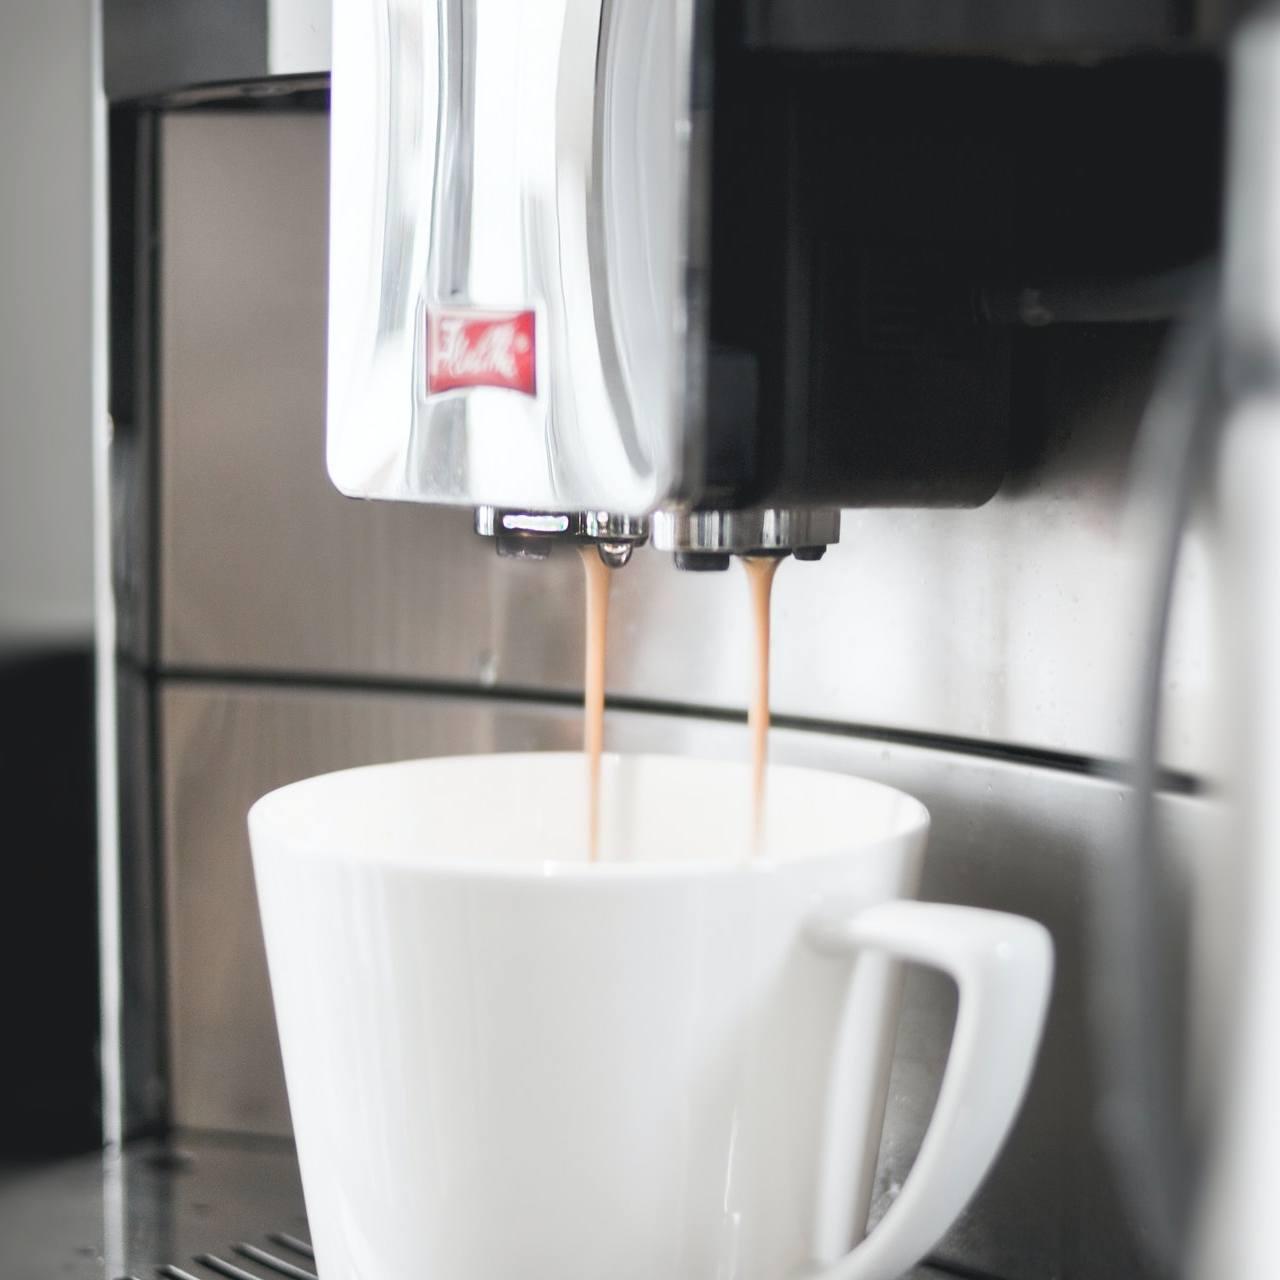 Cafetera o máquina de café espresso